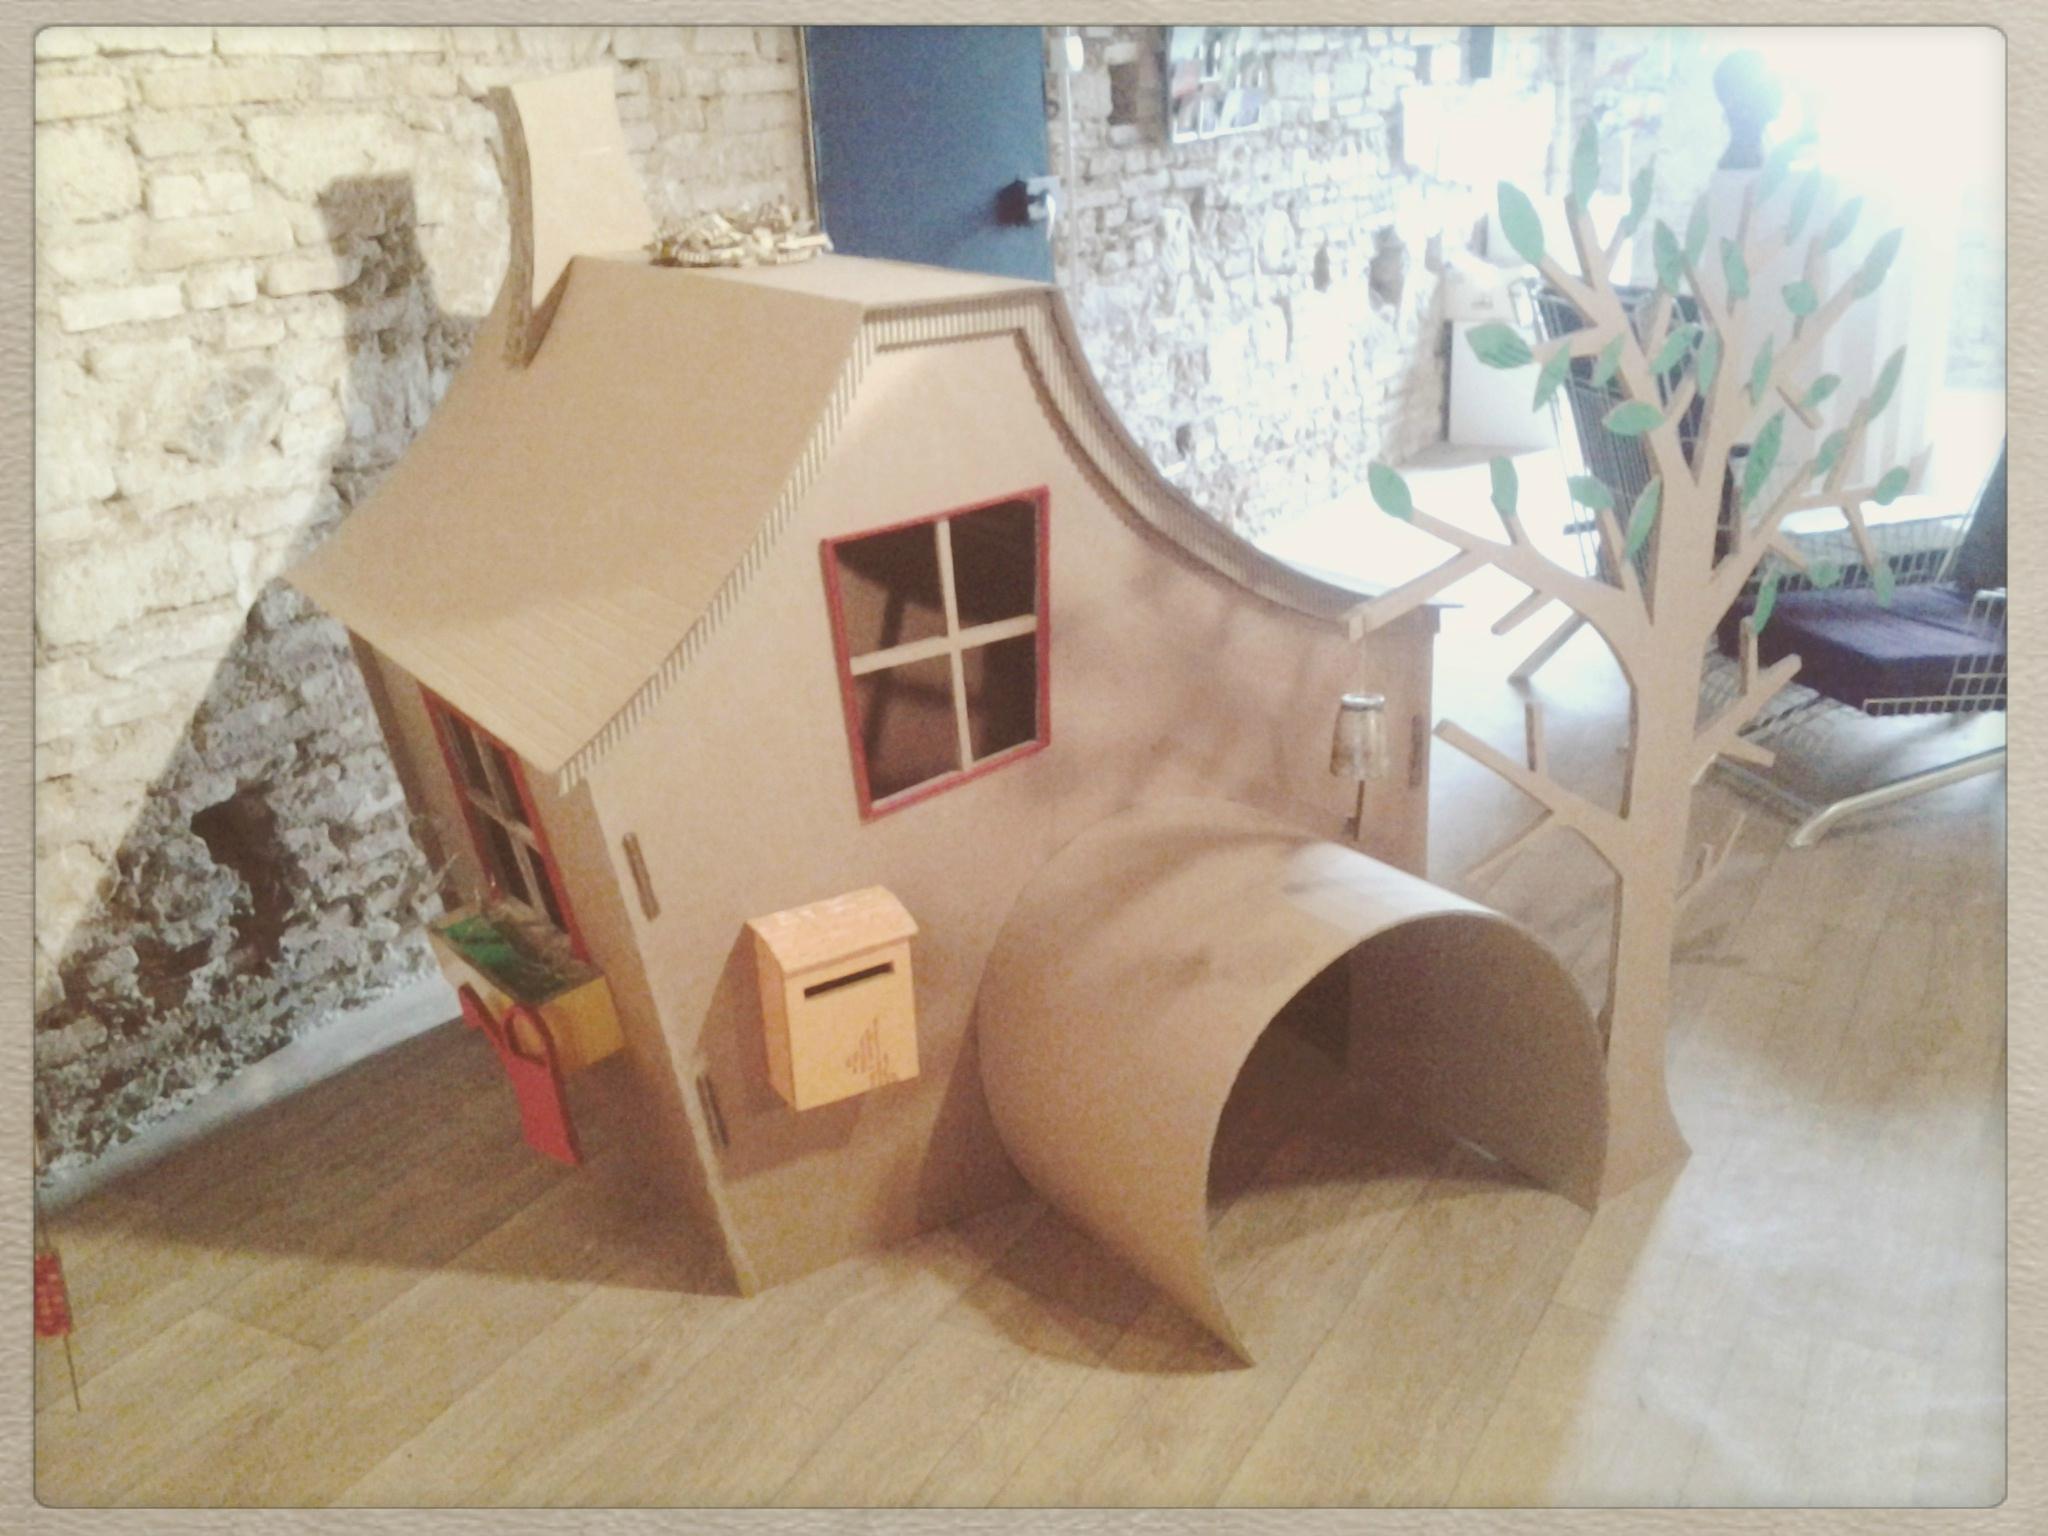 Fabrication de cabane en carton